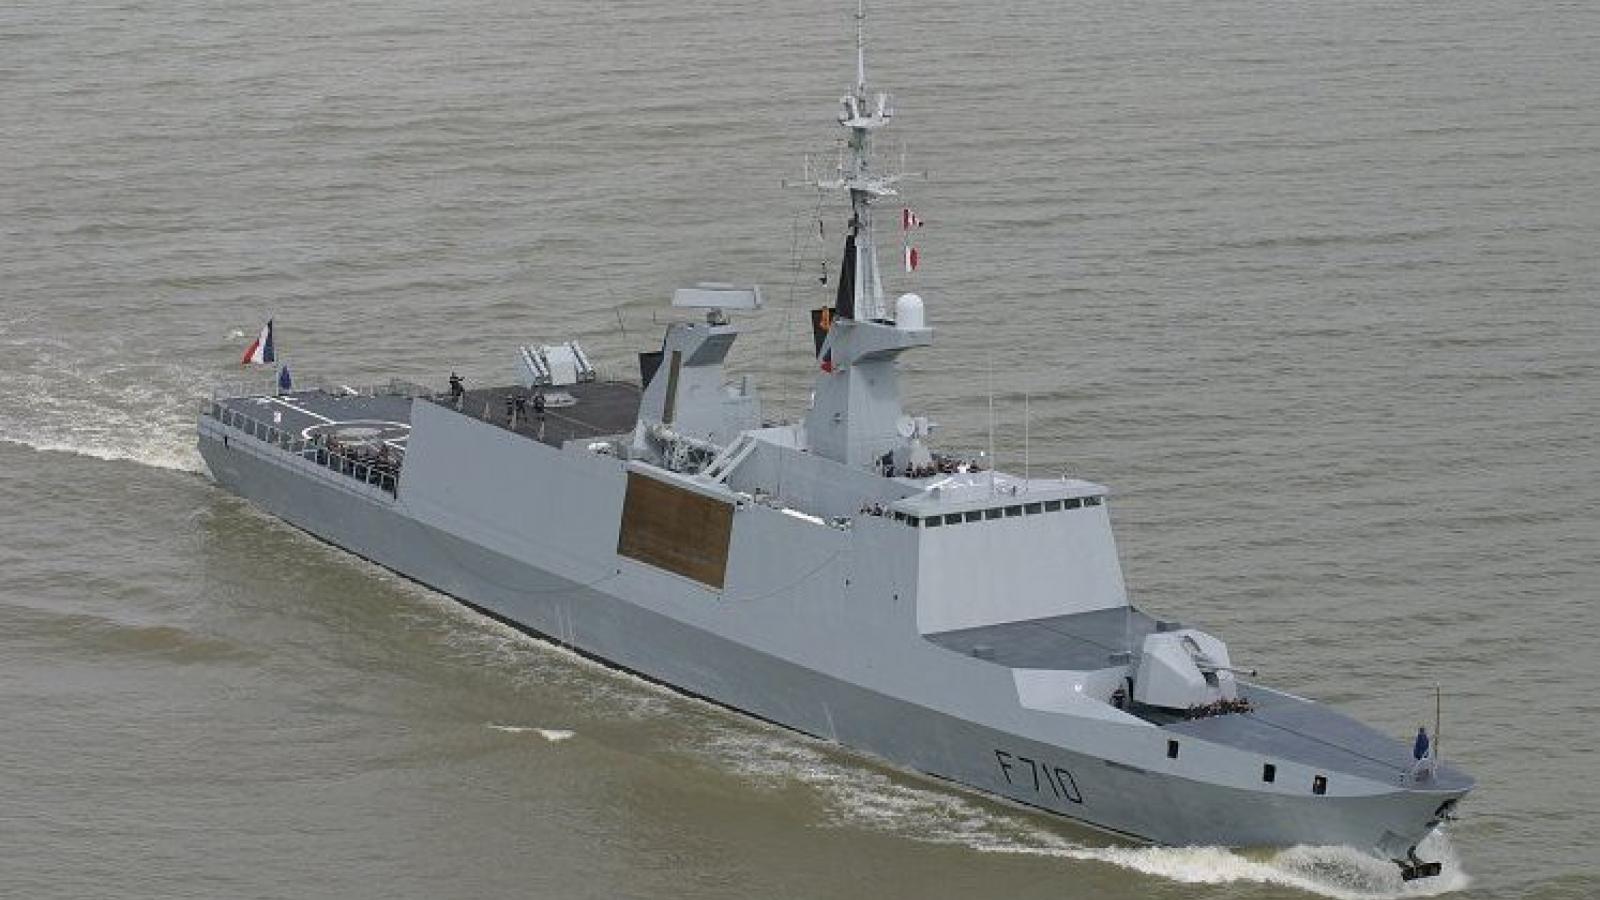 Pháp gửi máy bay chiến đấu và tàu khu trục tới Địa Trung Hải